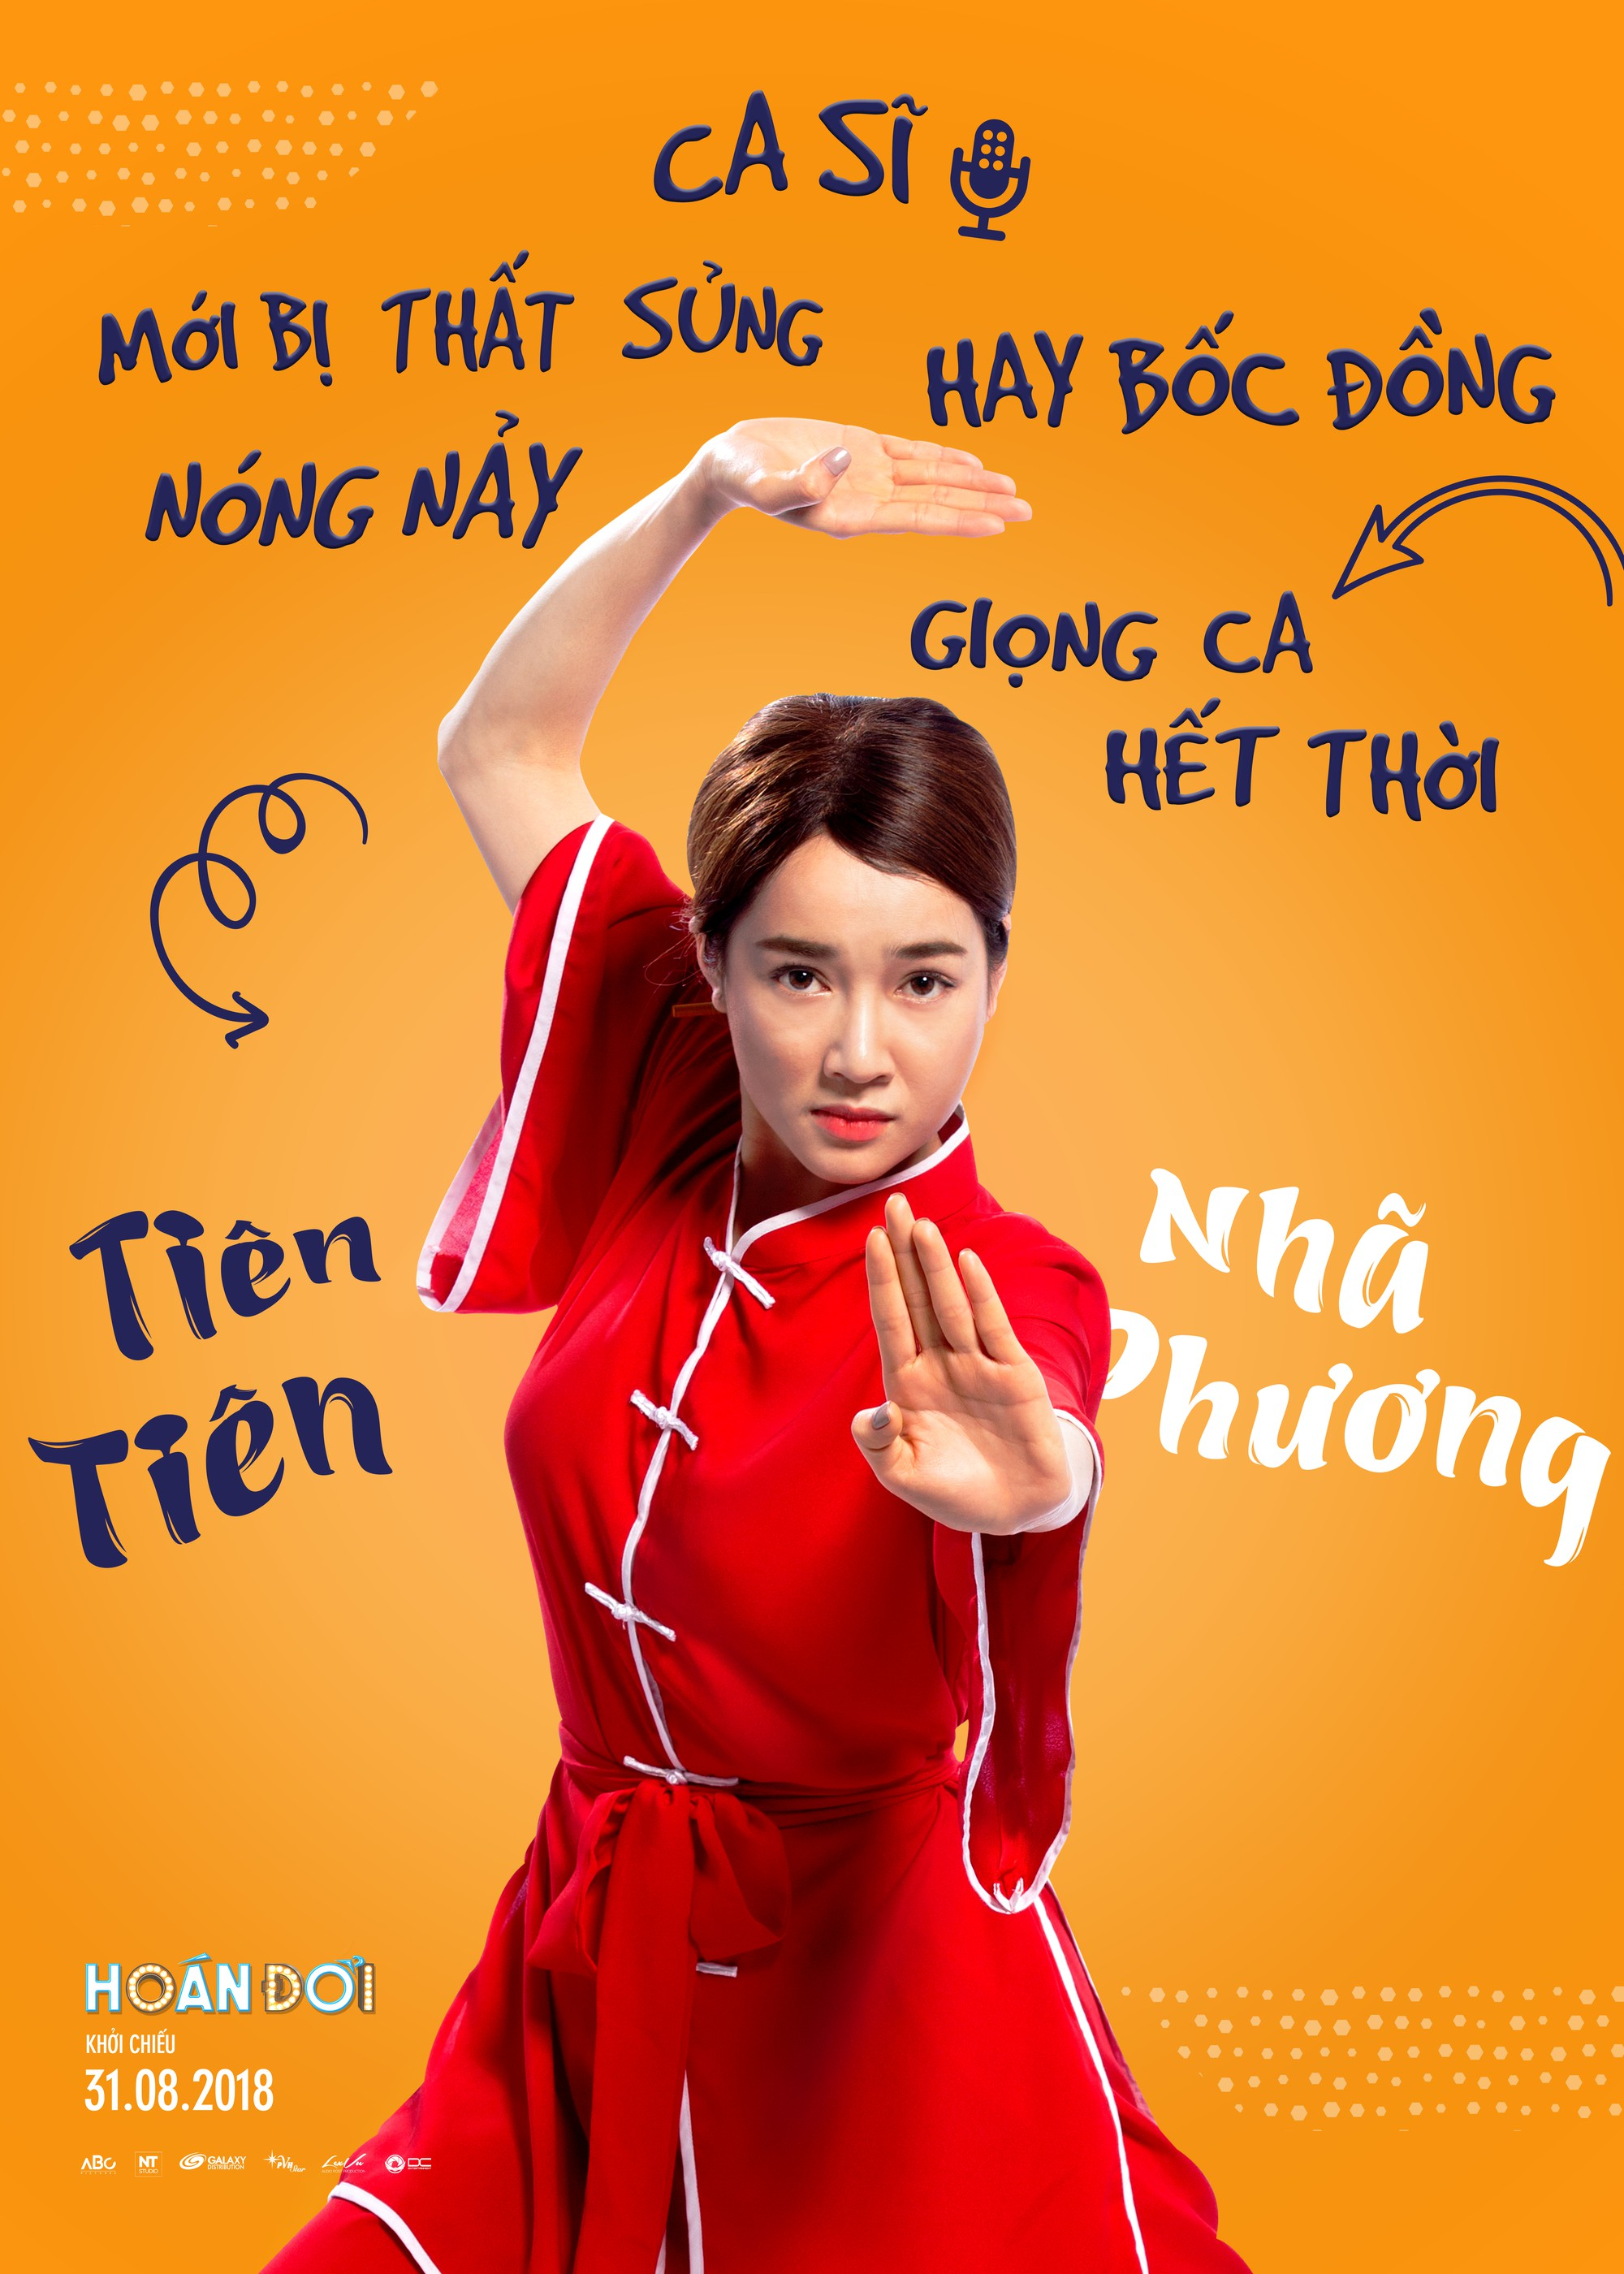 Nhã Phương, Việt Hương xuất hiện với hình ảnh quá sai - Ảnh 4.